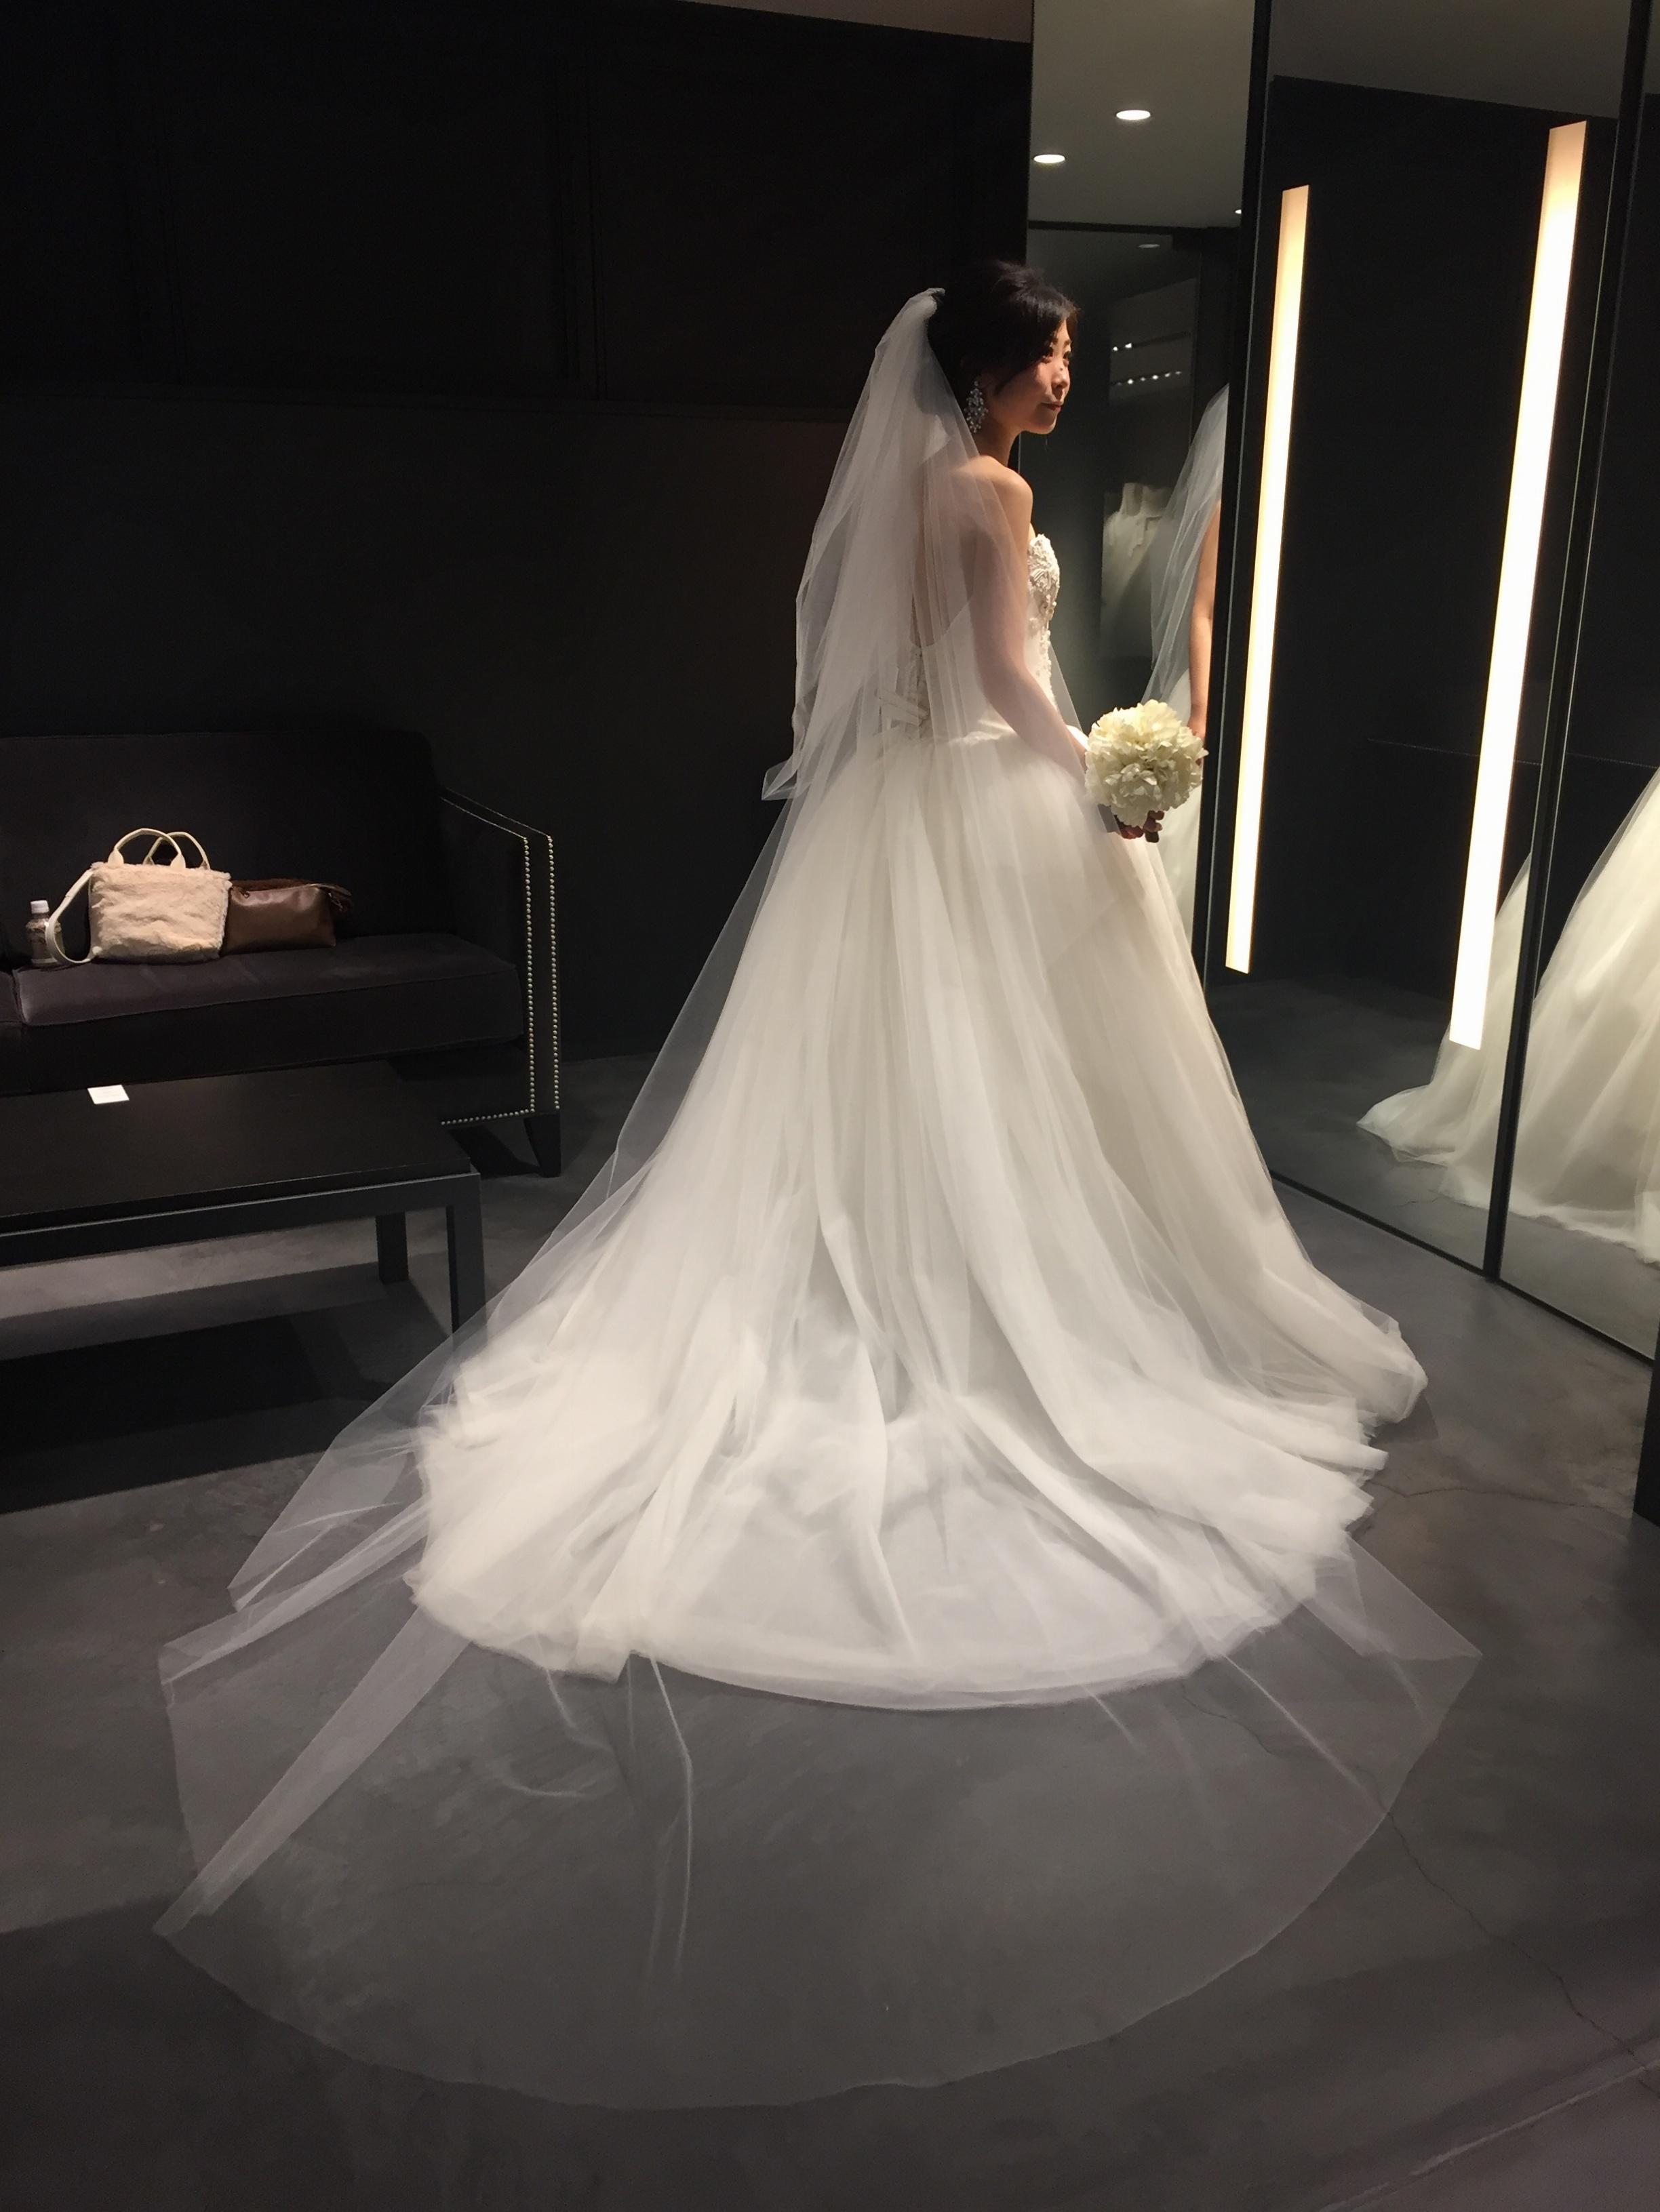 【#ドレス迷子】weddingドレス、実際に着てみました✧asuの運命の1着に巡り合うまでのドレス試着レポート①_3